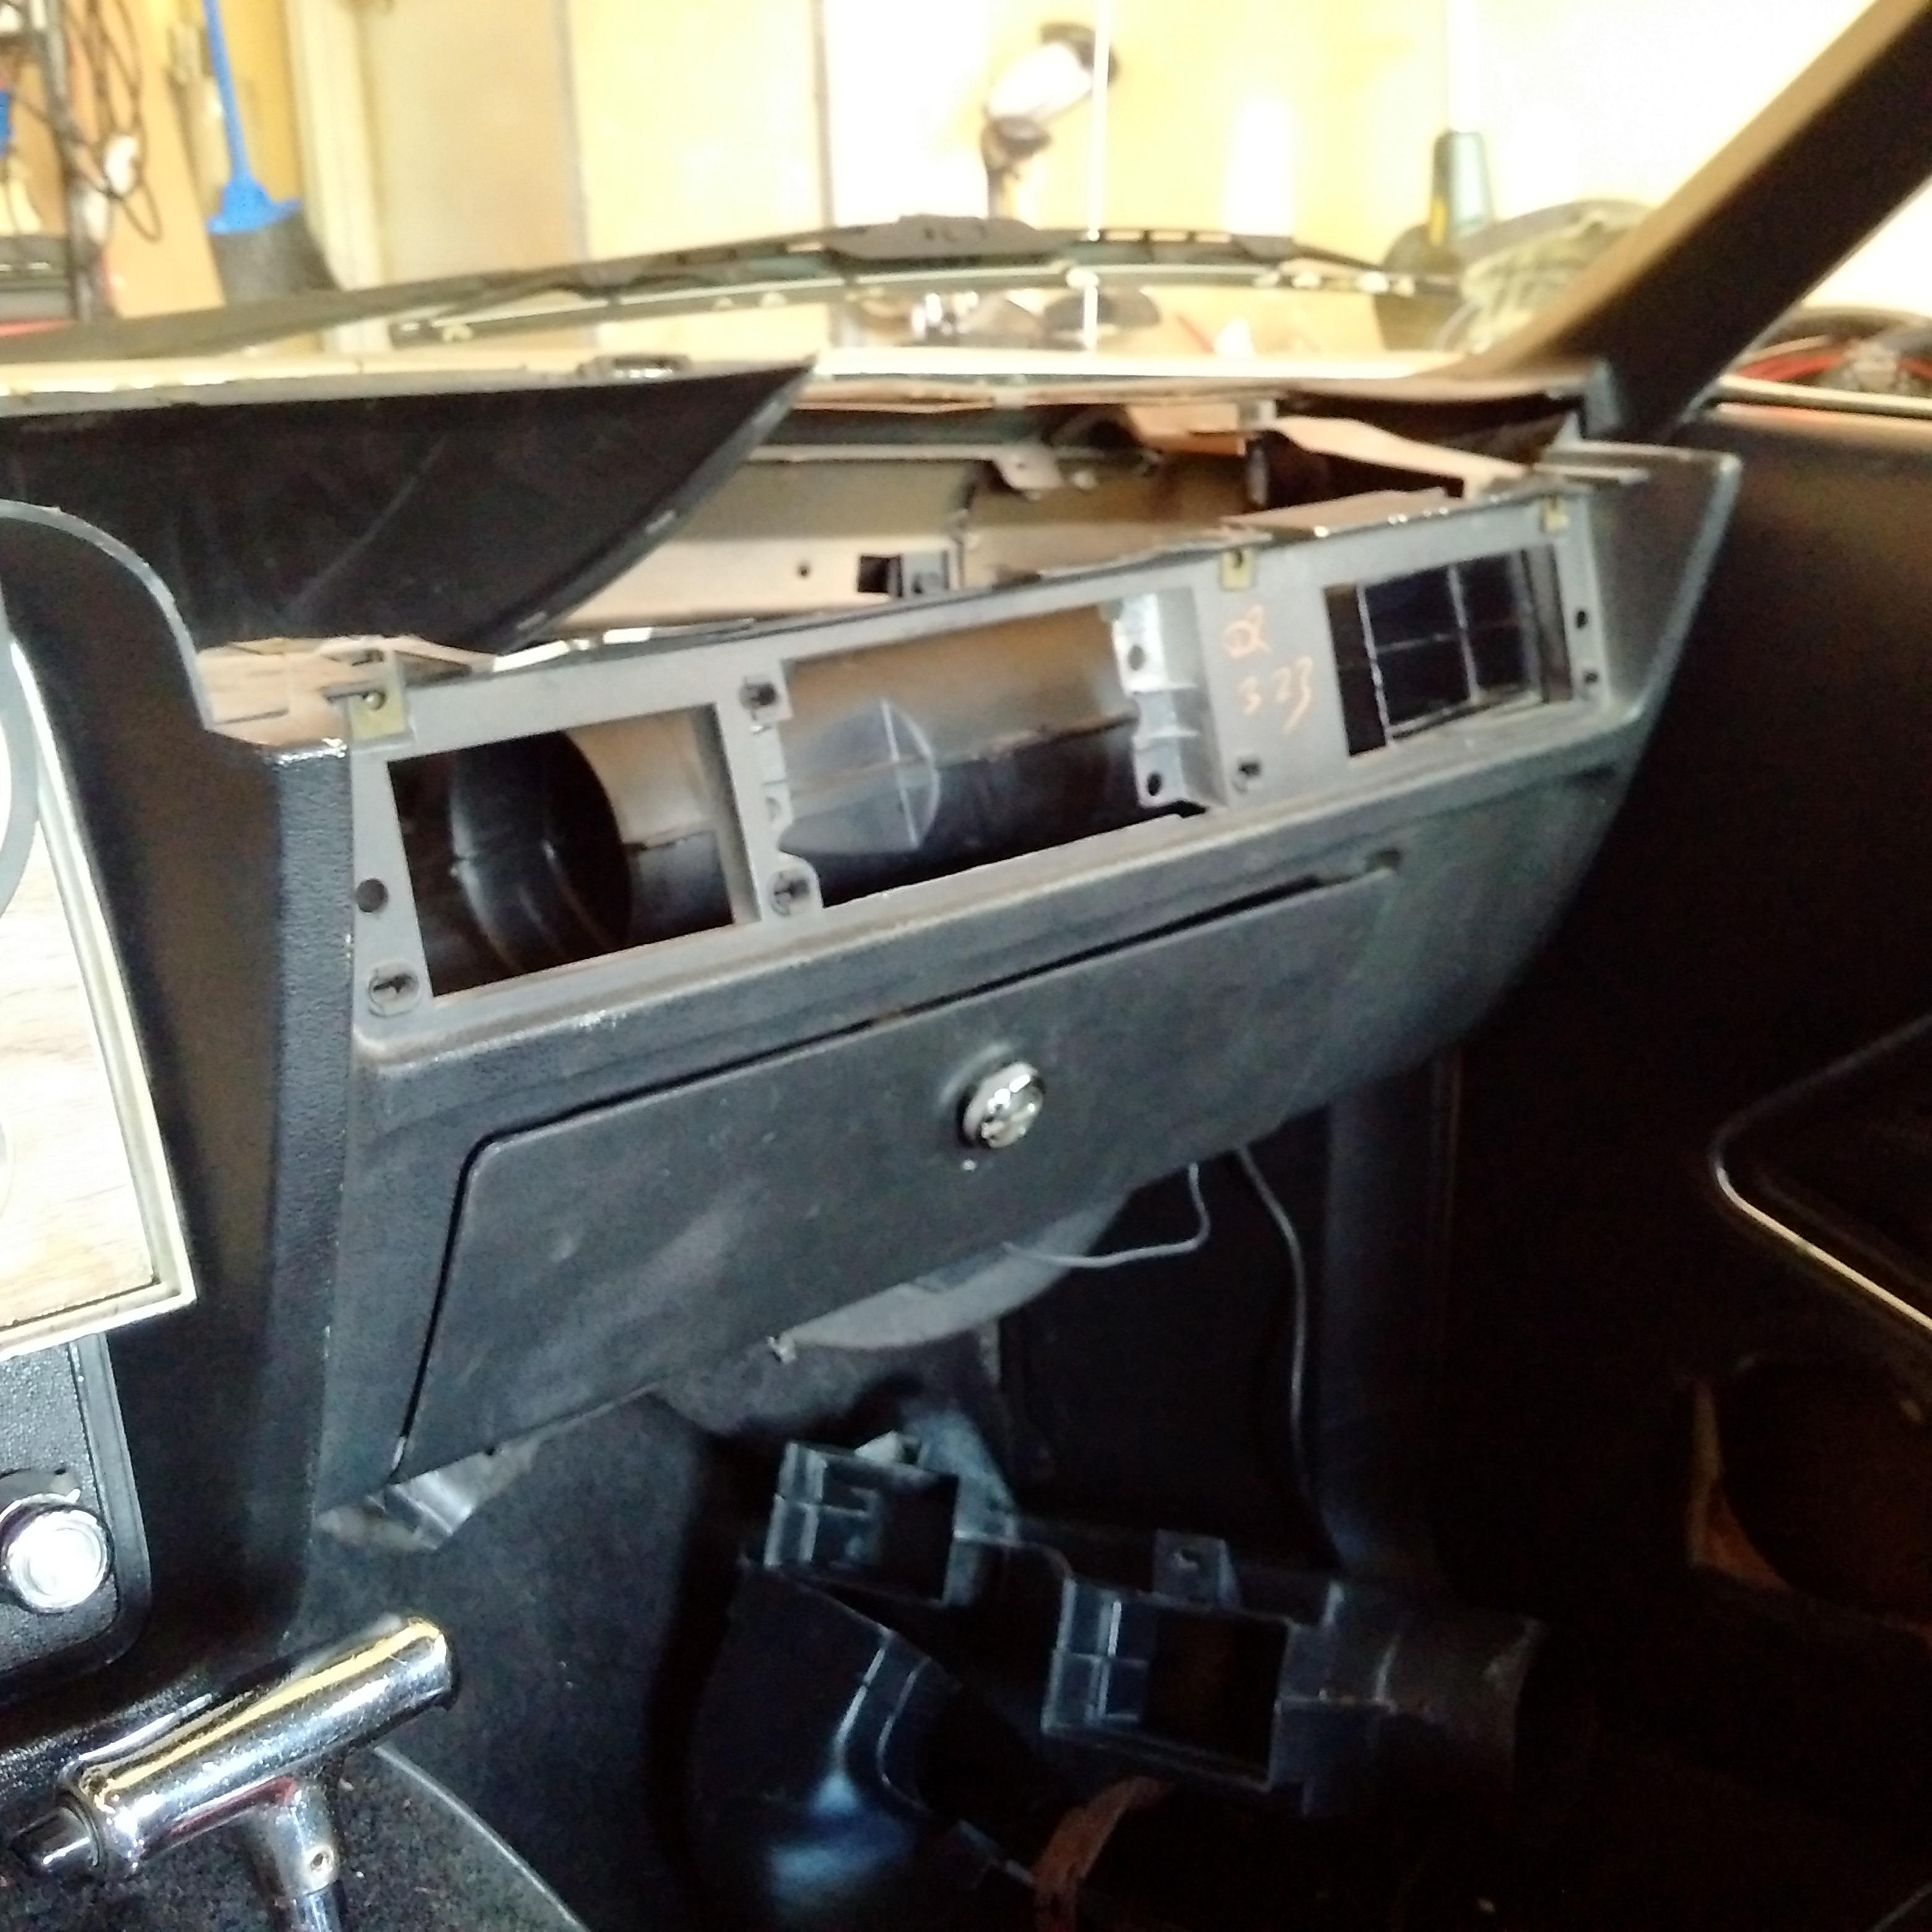 mustang ii wiring diagram cluster 1974 mustang ii dash wiring repair   update     programming   mustangs   1974 mustang ii dash wiring repair